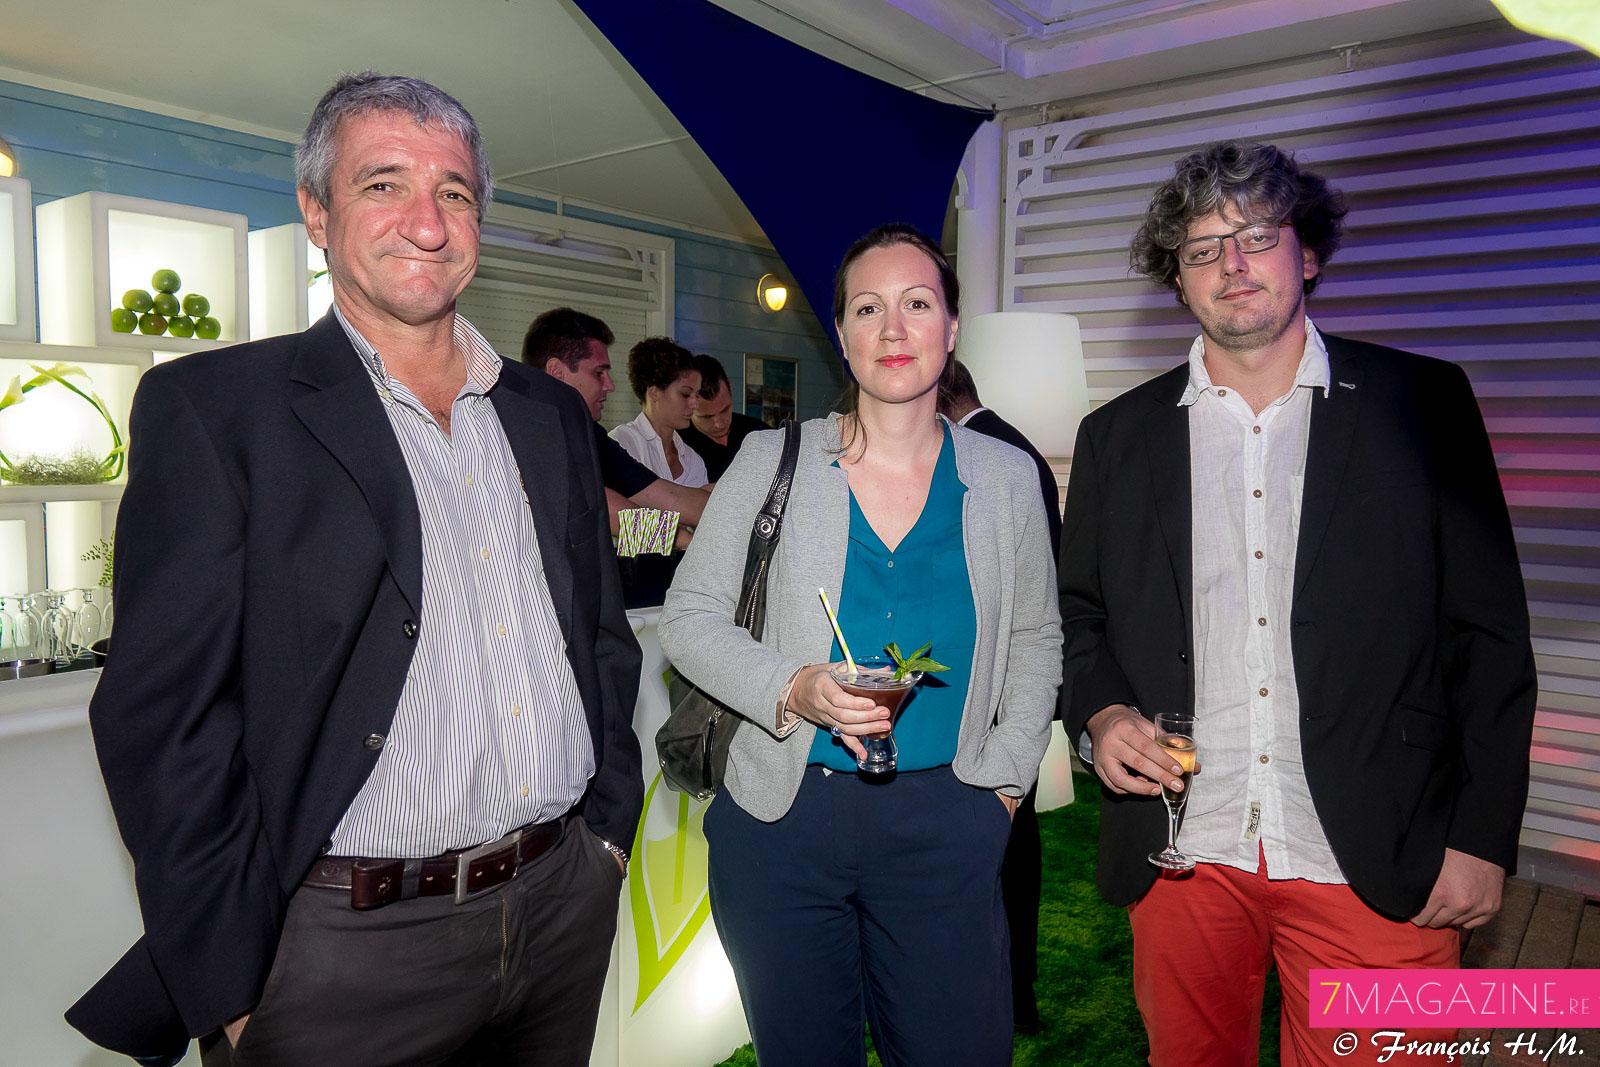 Eric Astydamas d'Engen, Claire Pichot de la société Mondelez et son époux